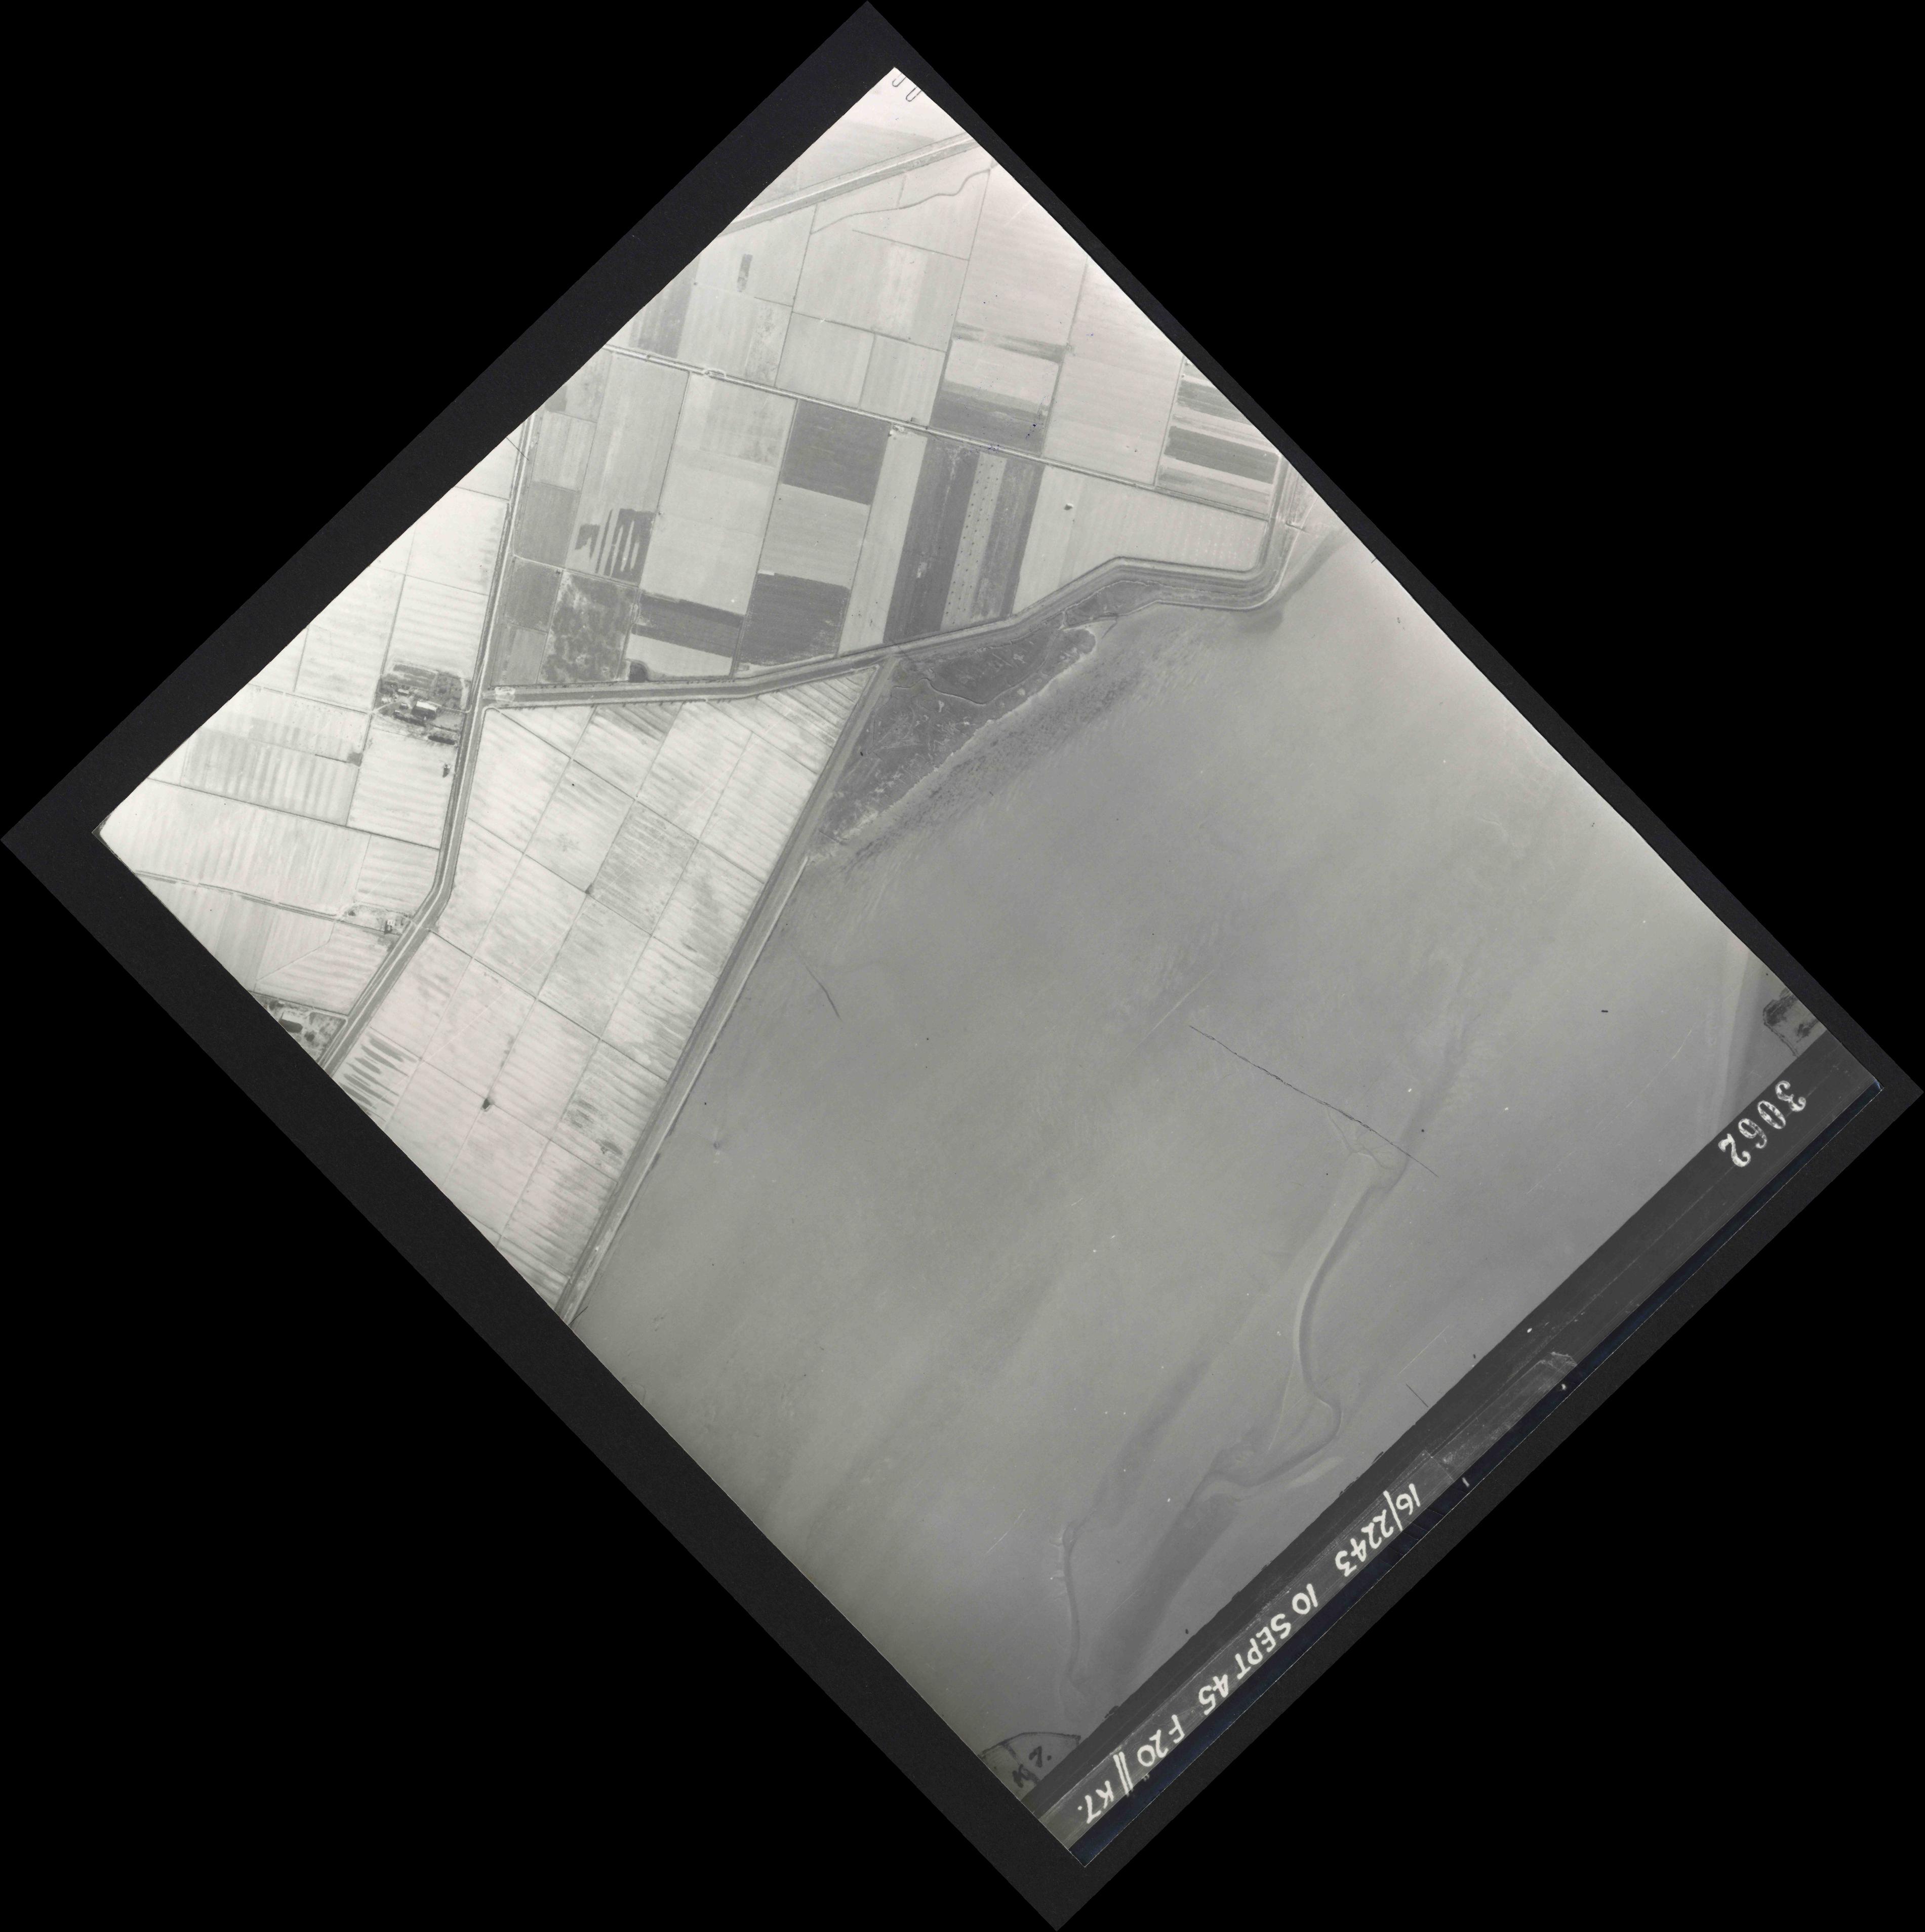 Collection RAF aerial photos 1940-1945 - flight 037, run 14, photo 3062